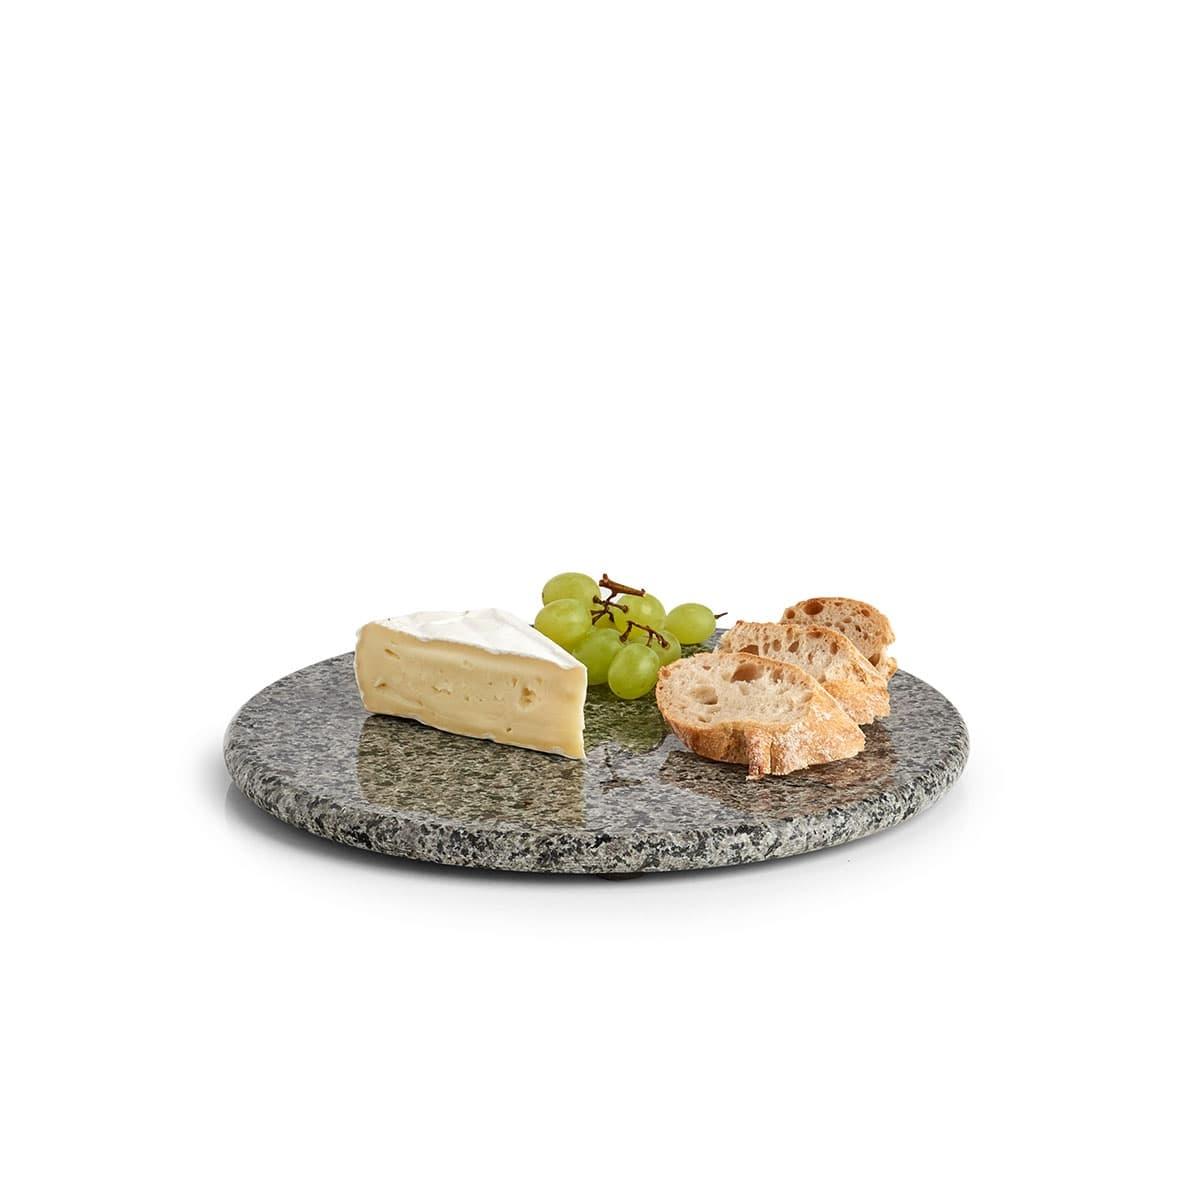 Platou servire din granit, Modern Gri / Negru, Ø25 cm poza